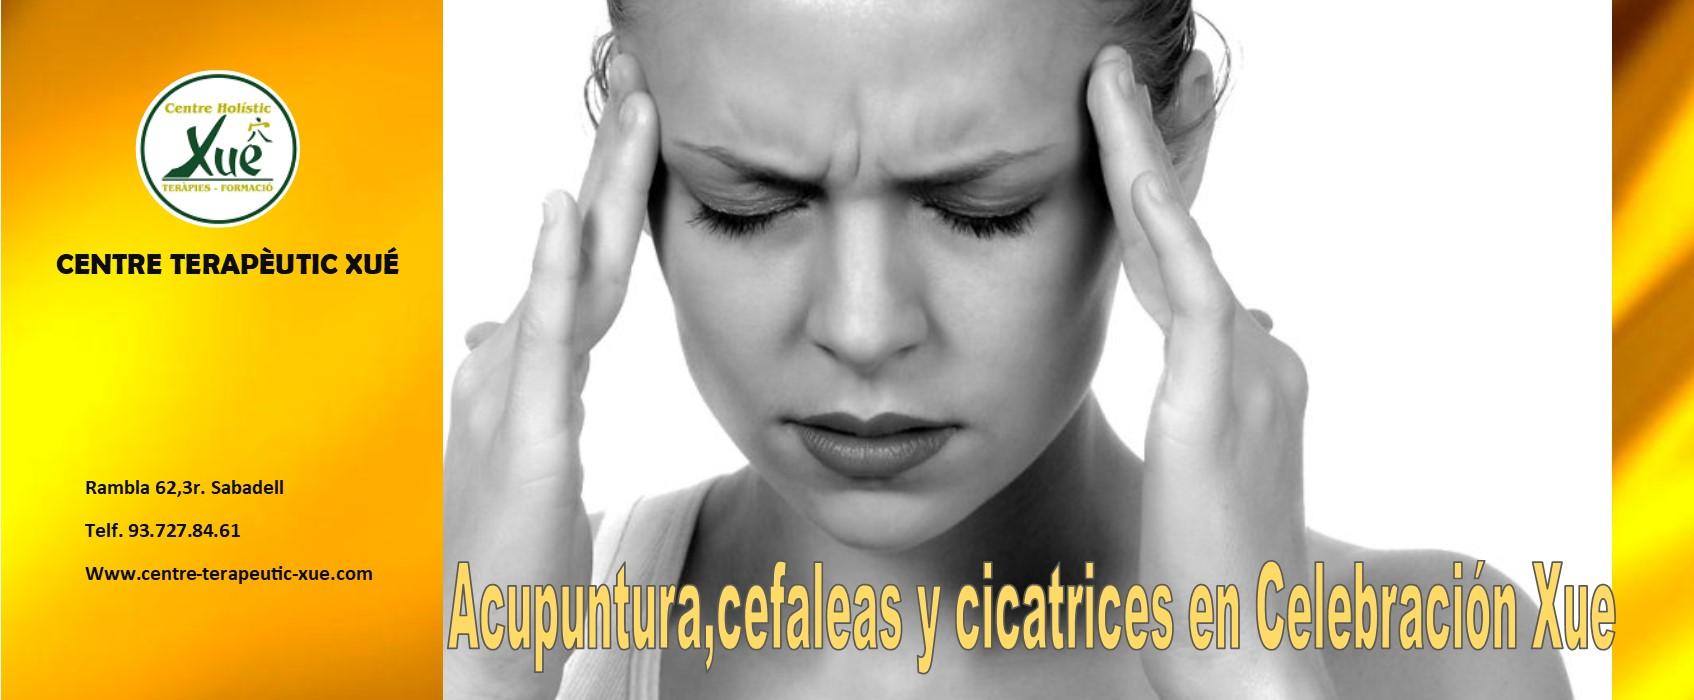 acupuntura cefalea cicatriz